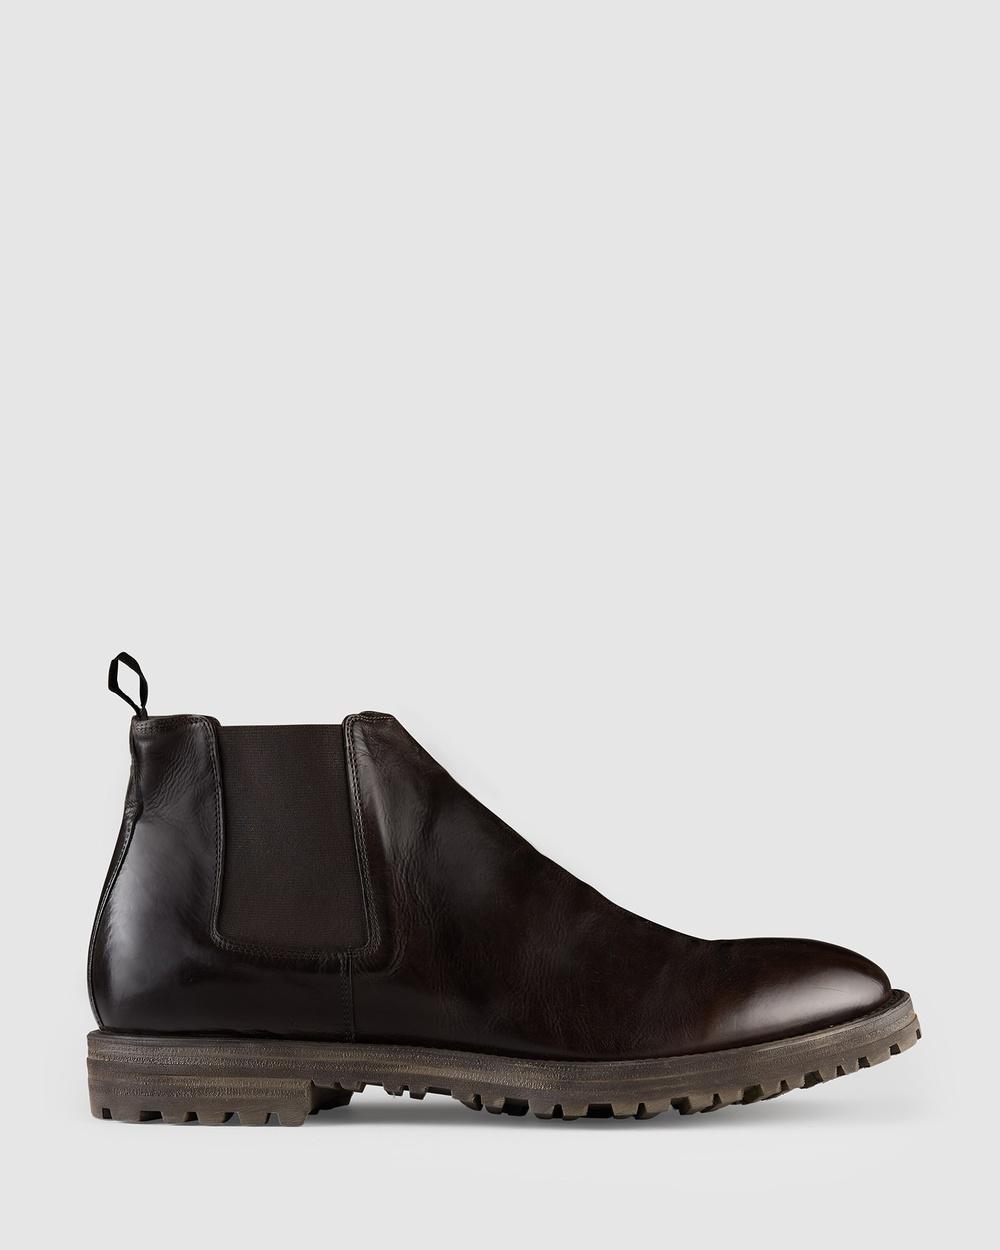 Aquila Zane Chelsea Boots Chocolate